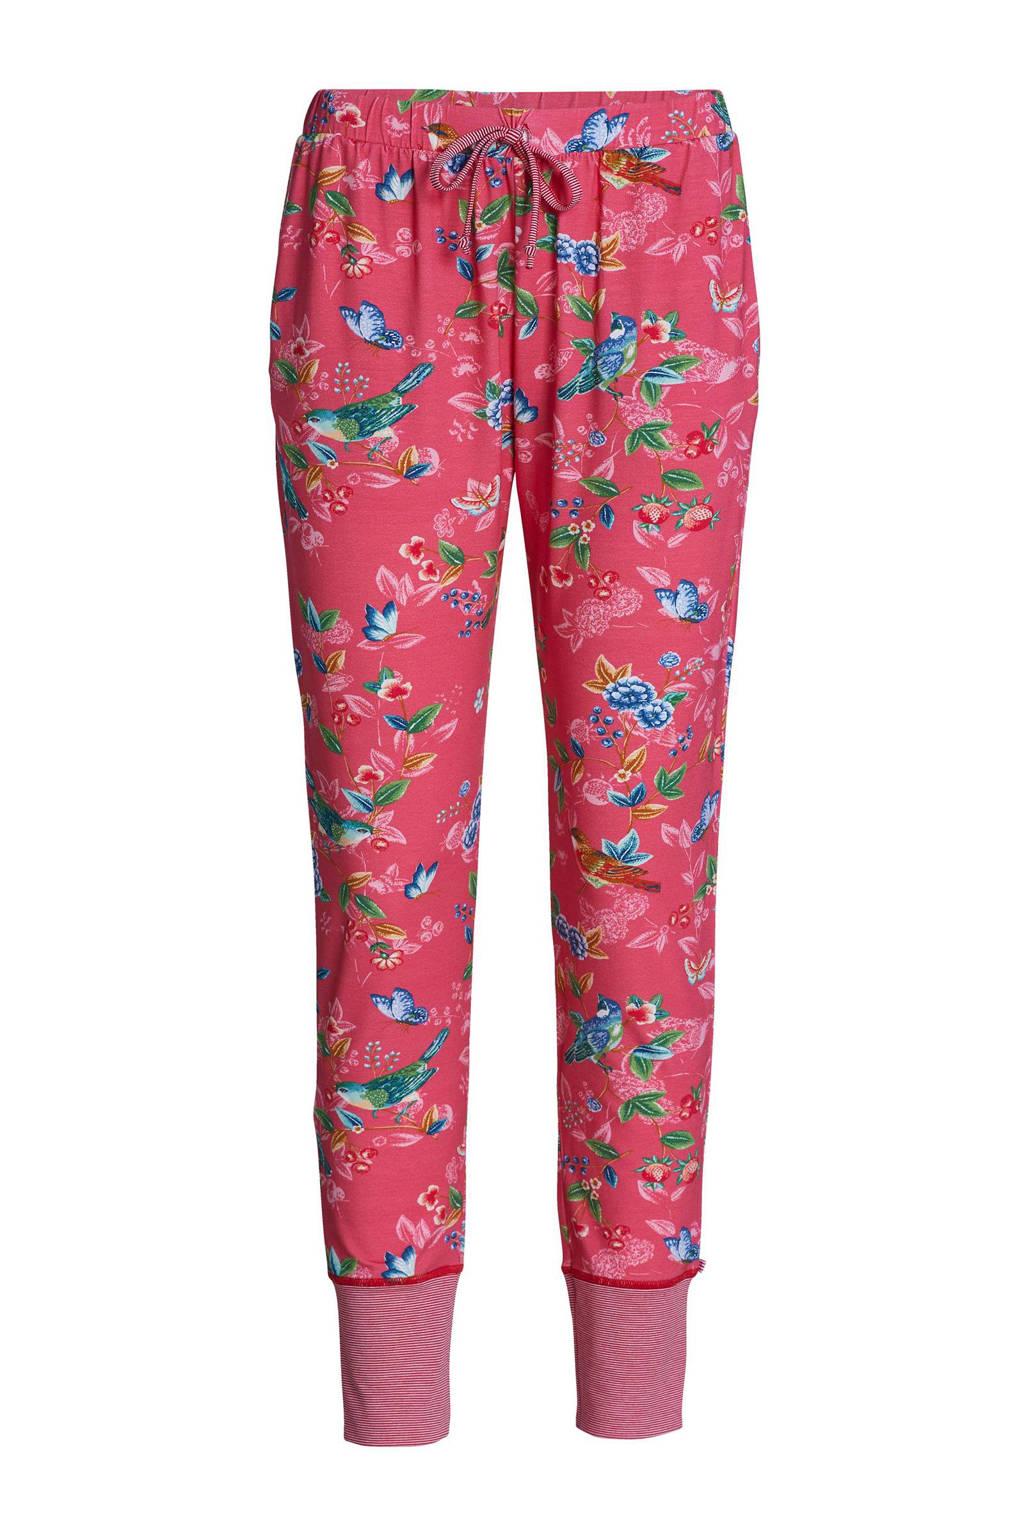 Pip Studio Pyjamabroek All Over Print Roze Blauw Groen